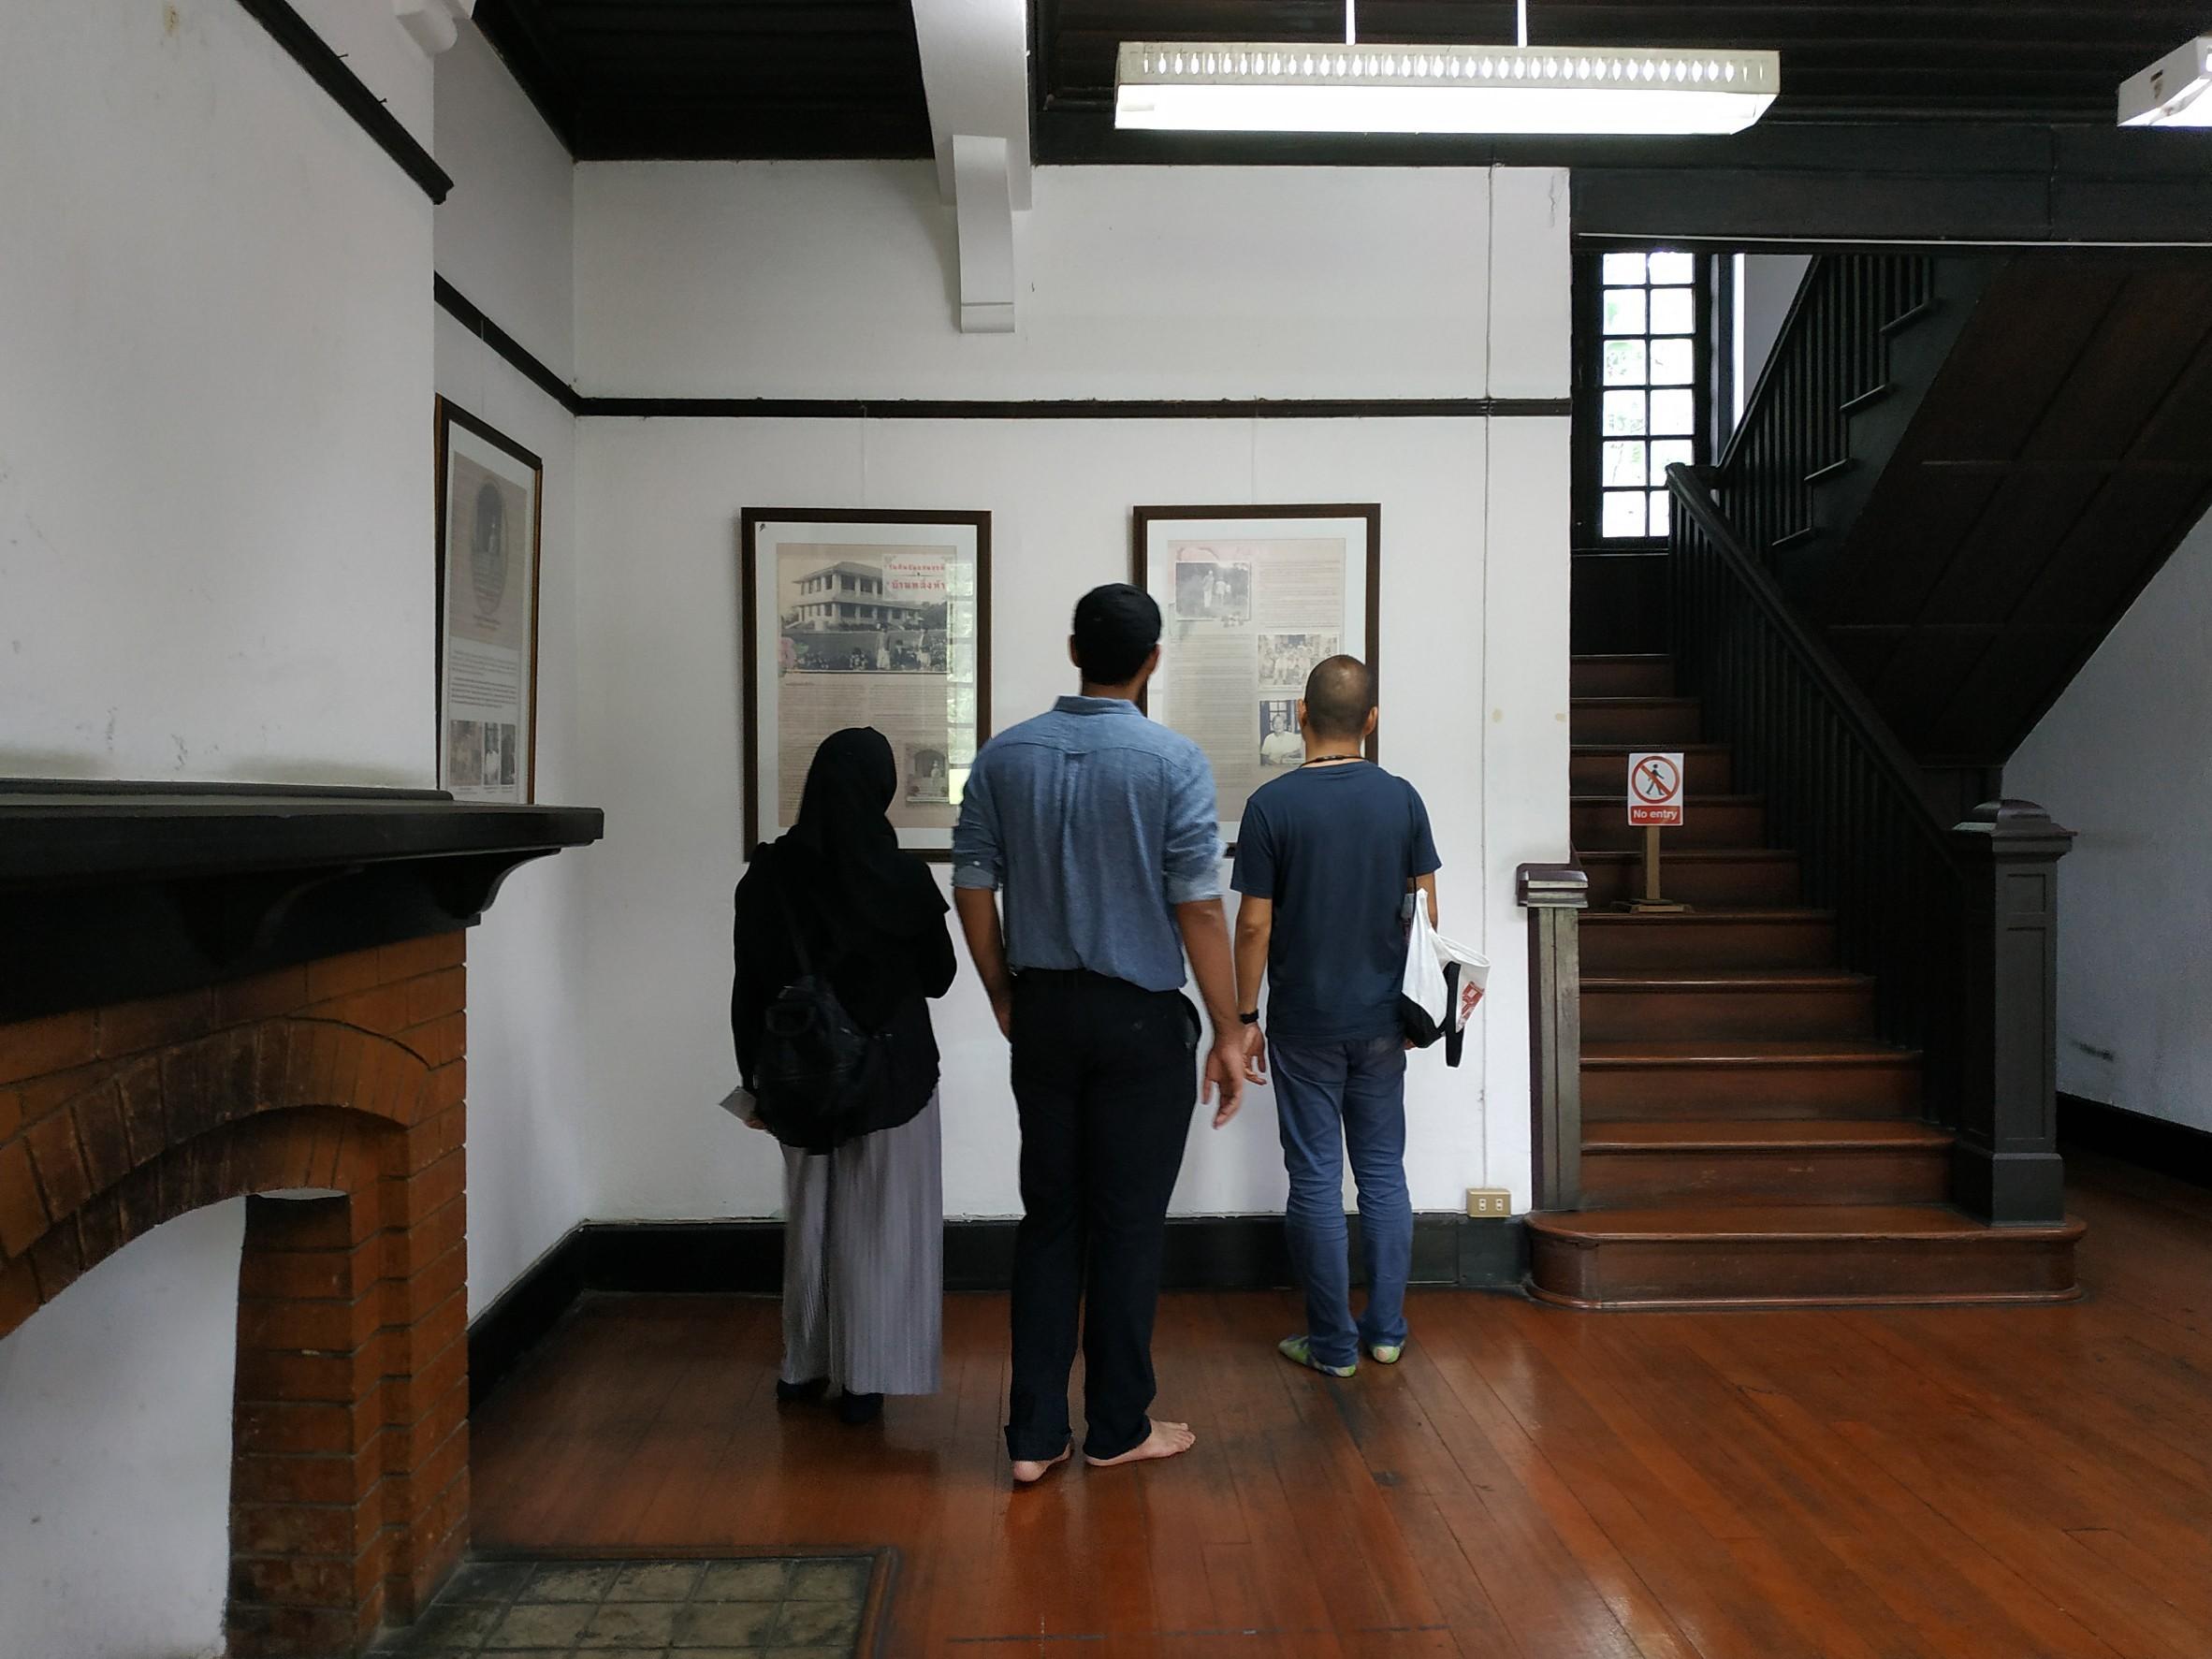 คณาจารย์และนักศึกษาจากคณะมนุษยศาสตร์ และคณะสถาปัตยกรรม มช. เยี่ยมชมพิพิธภัณฑ์เรือนโบราณล้านนา มช.